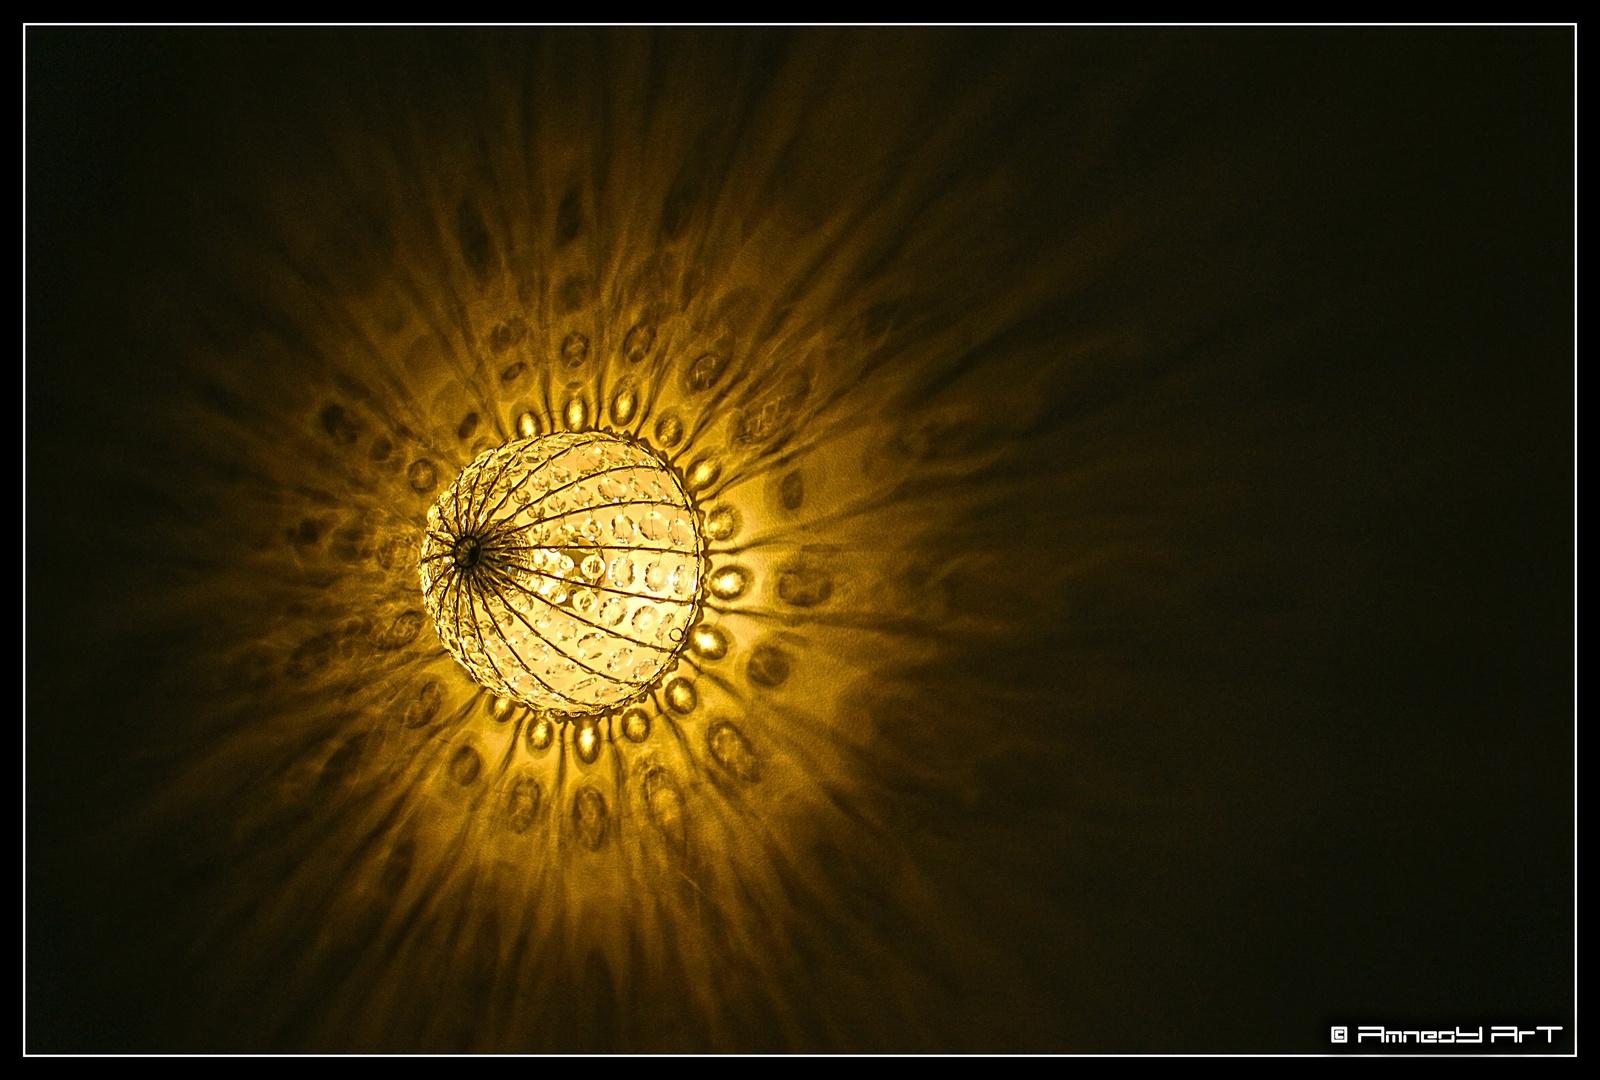 Quand la lumière joue avec ce qui l'entoure.